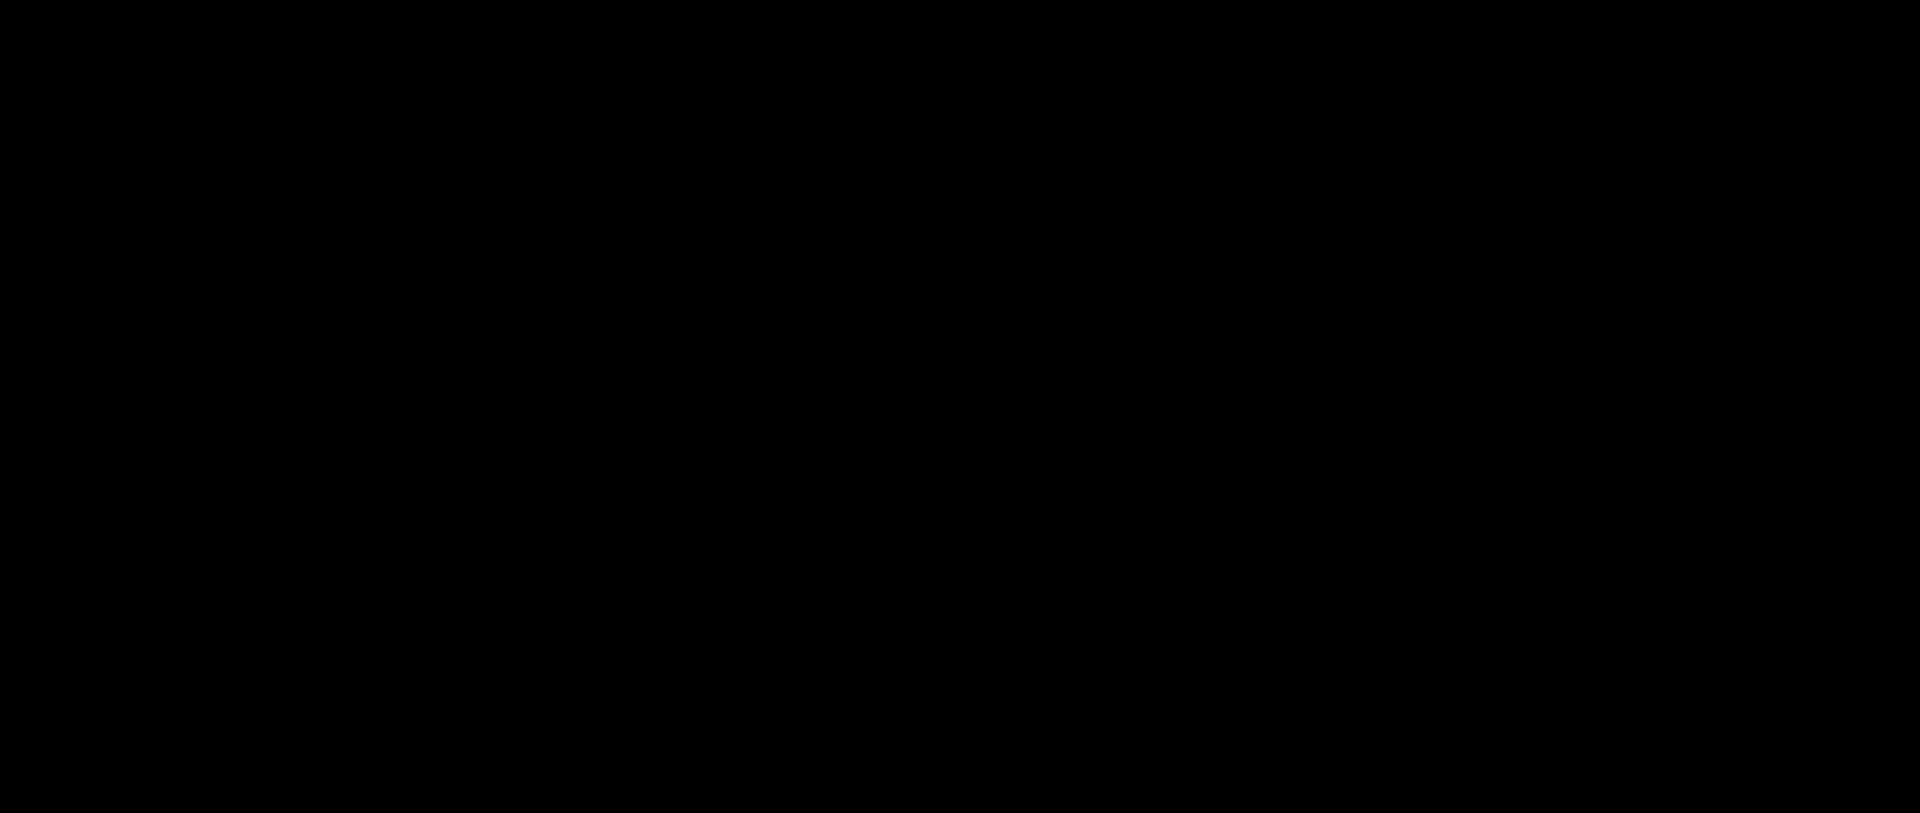 TFP Vertrag 2019 – TFP Vertrag Vorlage 2019